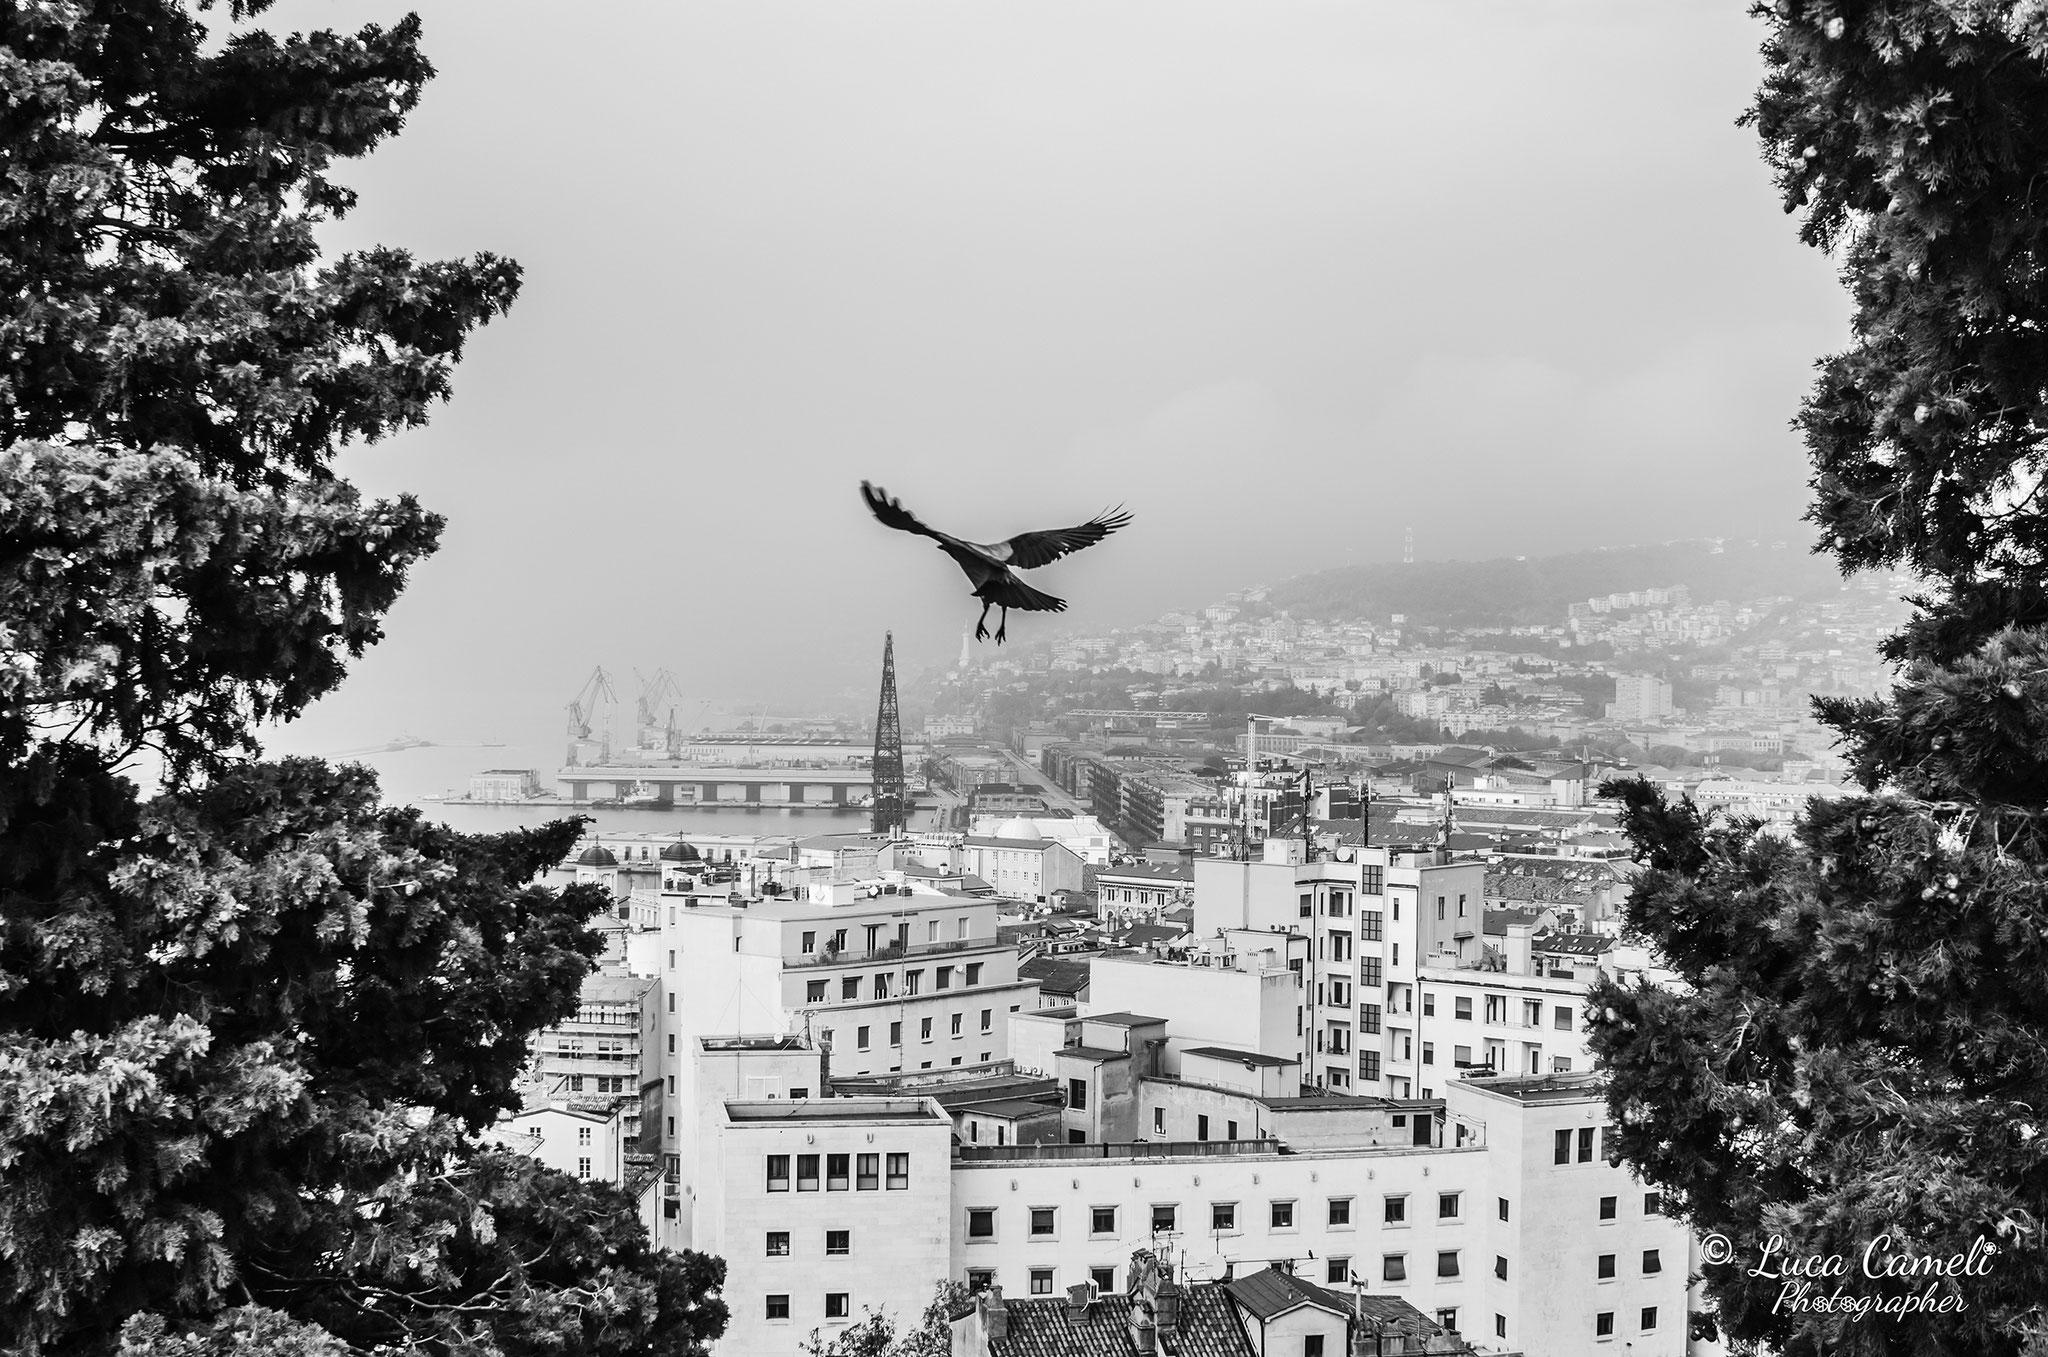 Volando Su Trieste - Parco Della Rimembranza, Trieste. Selezionato da ArtFund - Maco Museum. © Luca Cameli Photographer